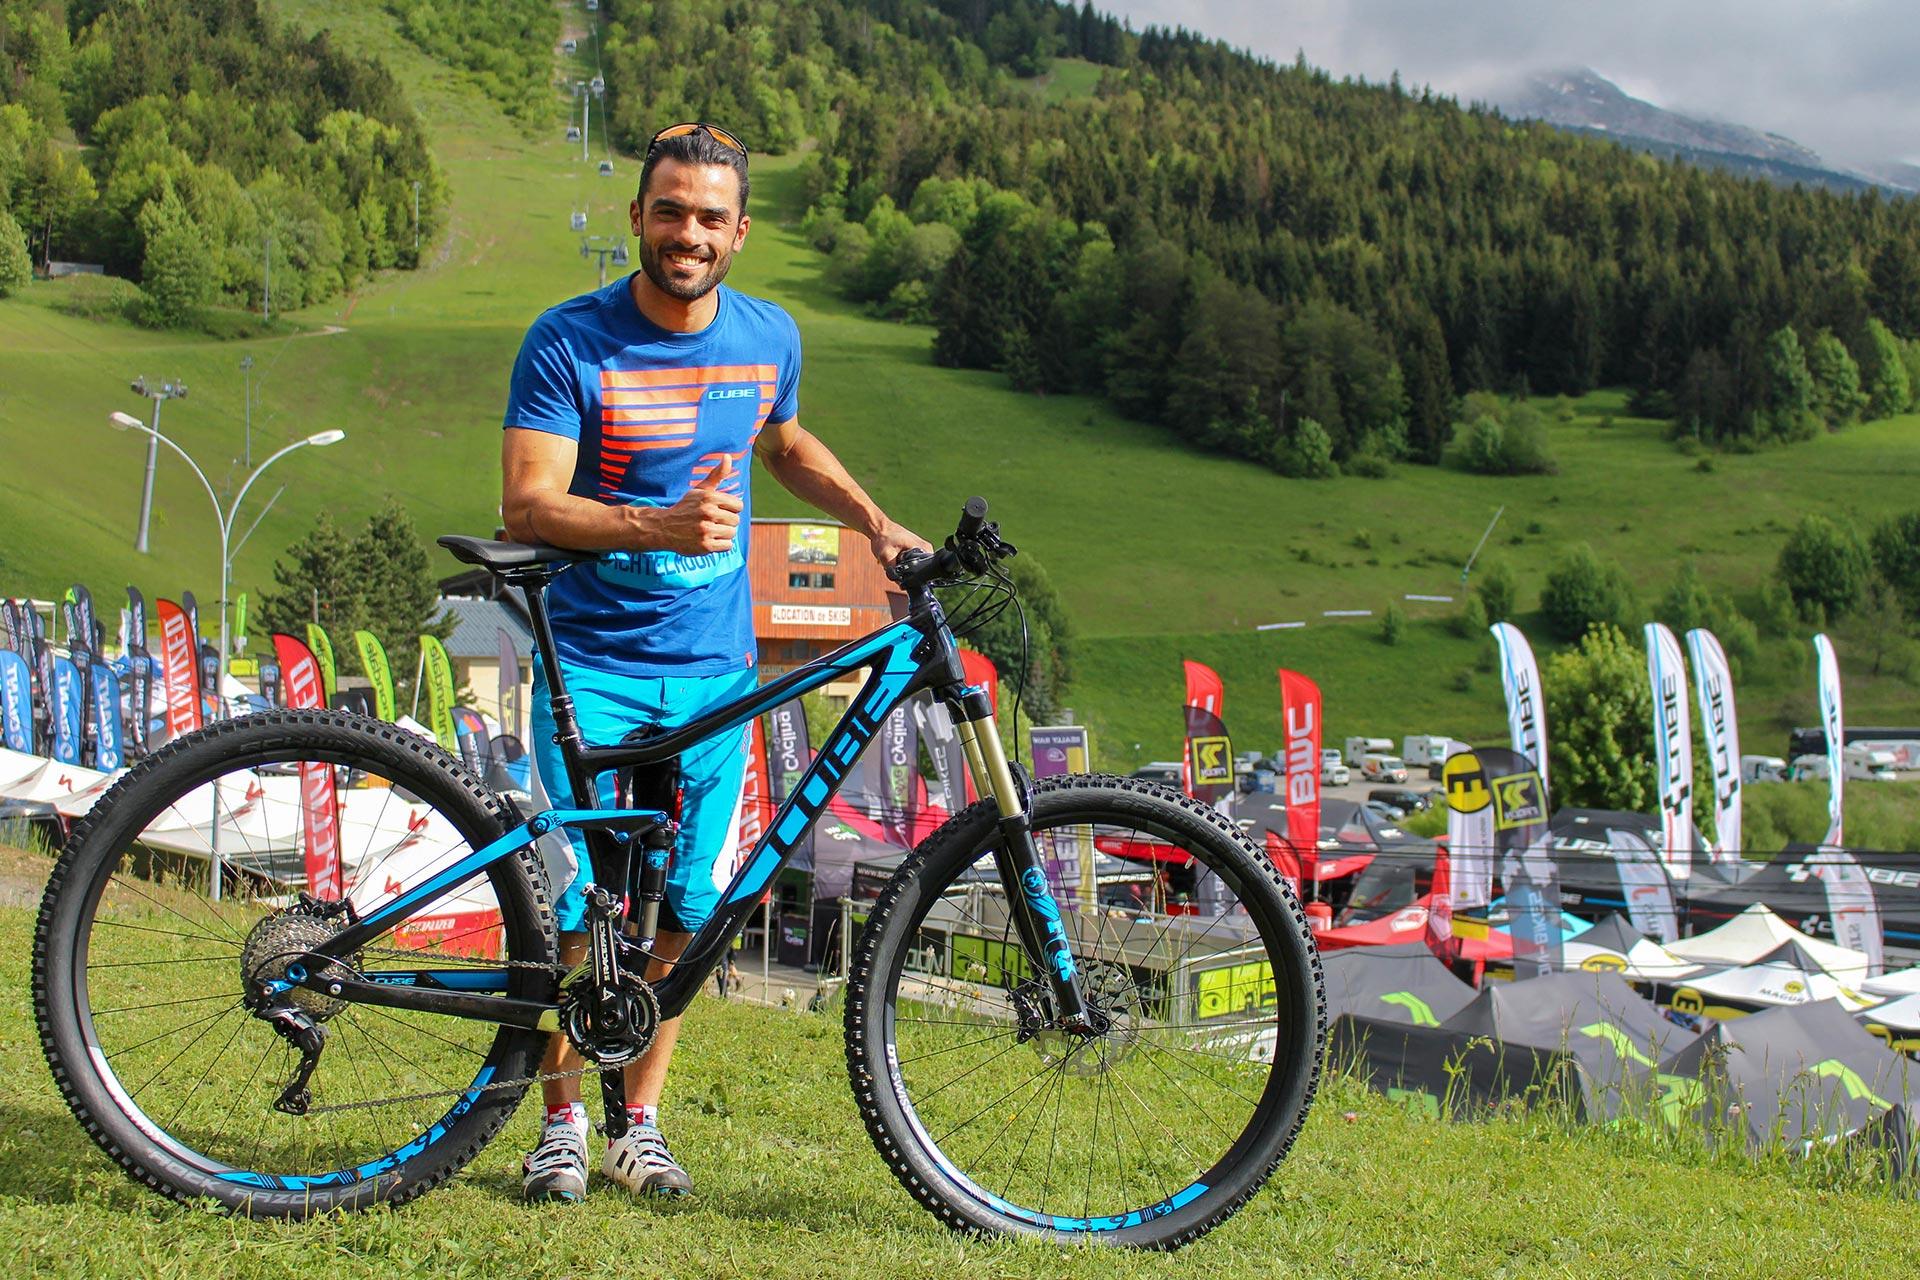 Simon Fourcade : membre de la délégation française de Biathlon aux Jeux Olympiques de PyeongChang en 2018, de Sotchi en 2014, de Vancouver en 2010 et de Turin en 2006.